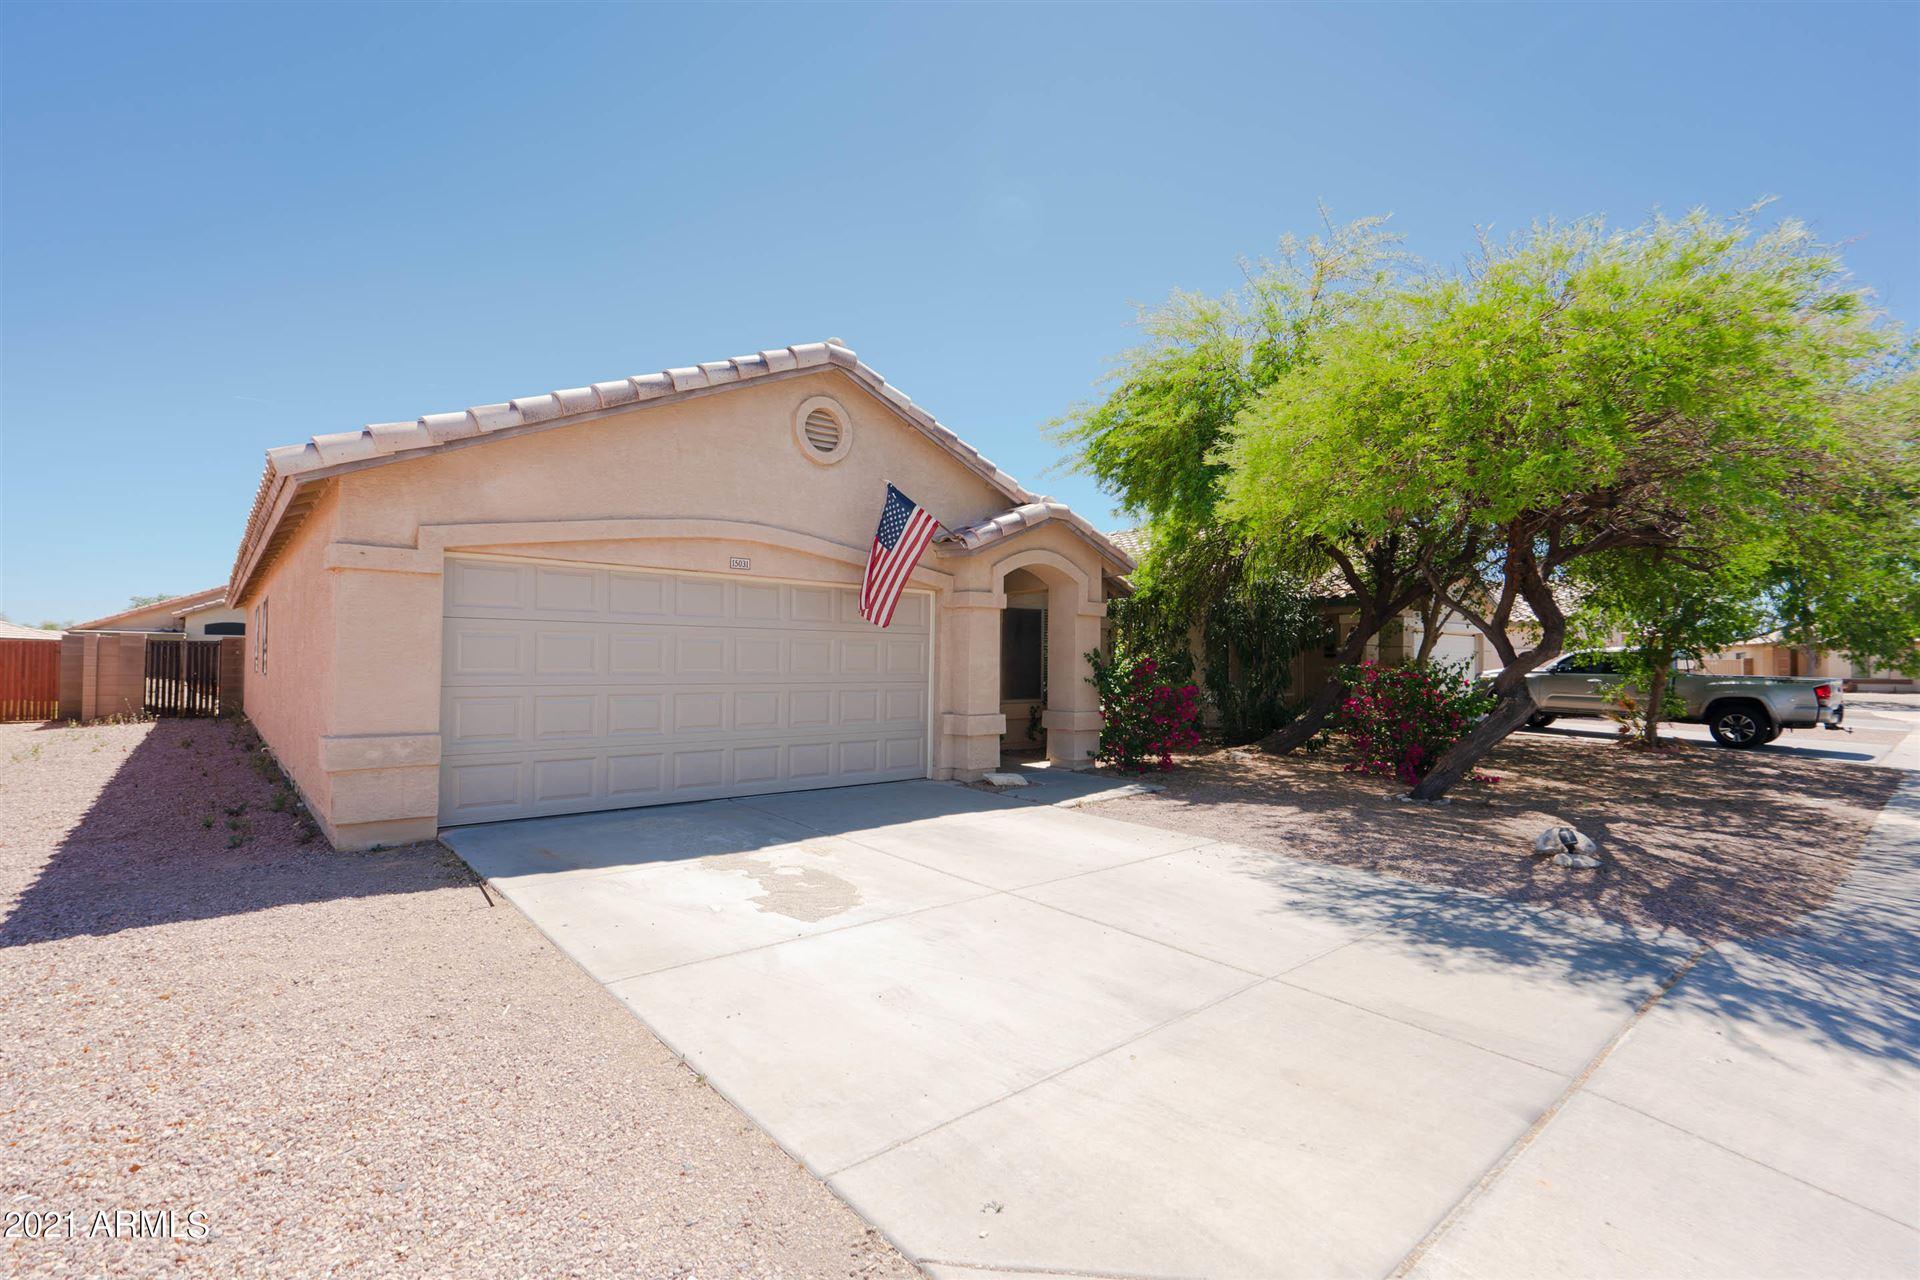 Photo of 15031 W WATSON Lane, Surprise, AZ 85379 (MLS # 6231540)